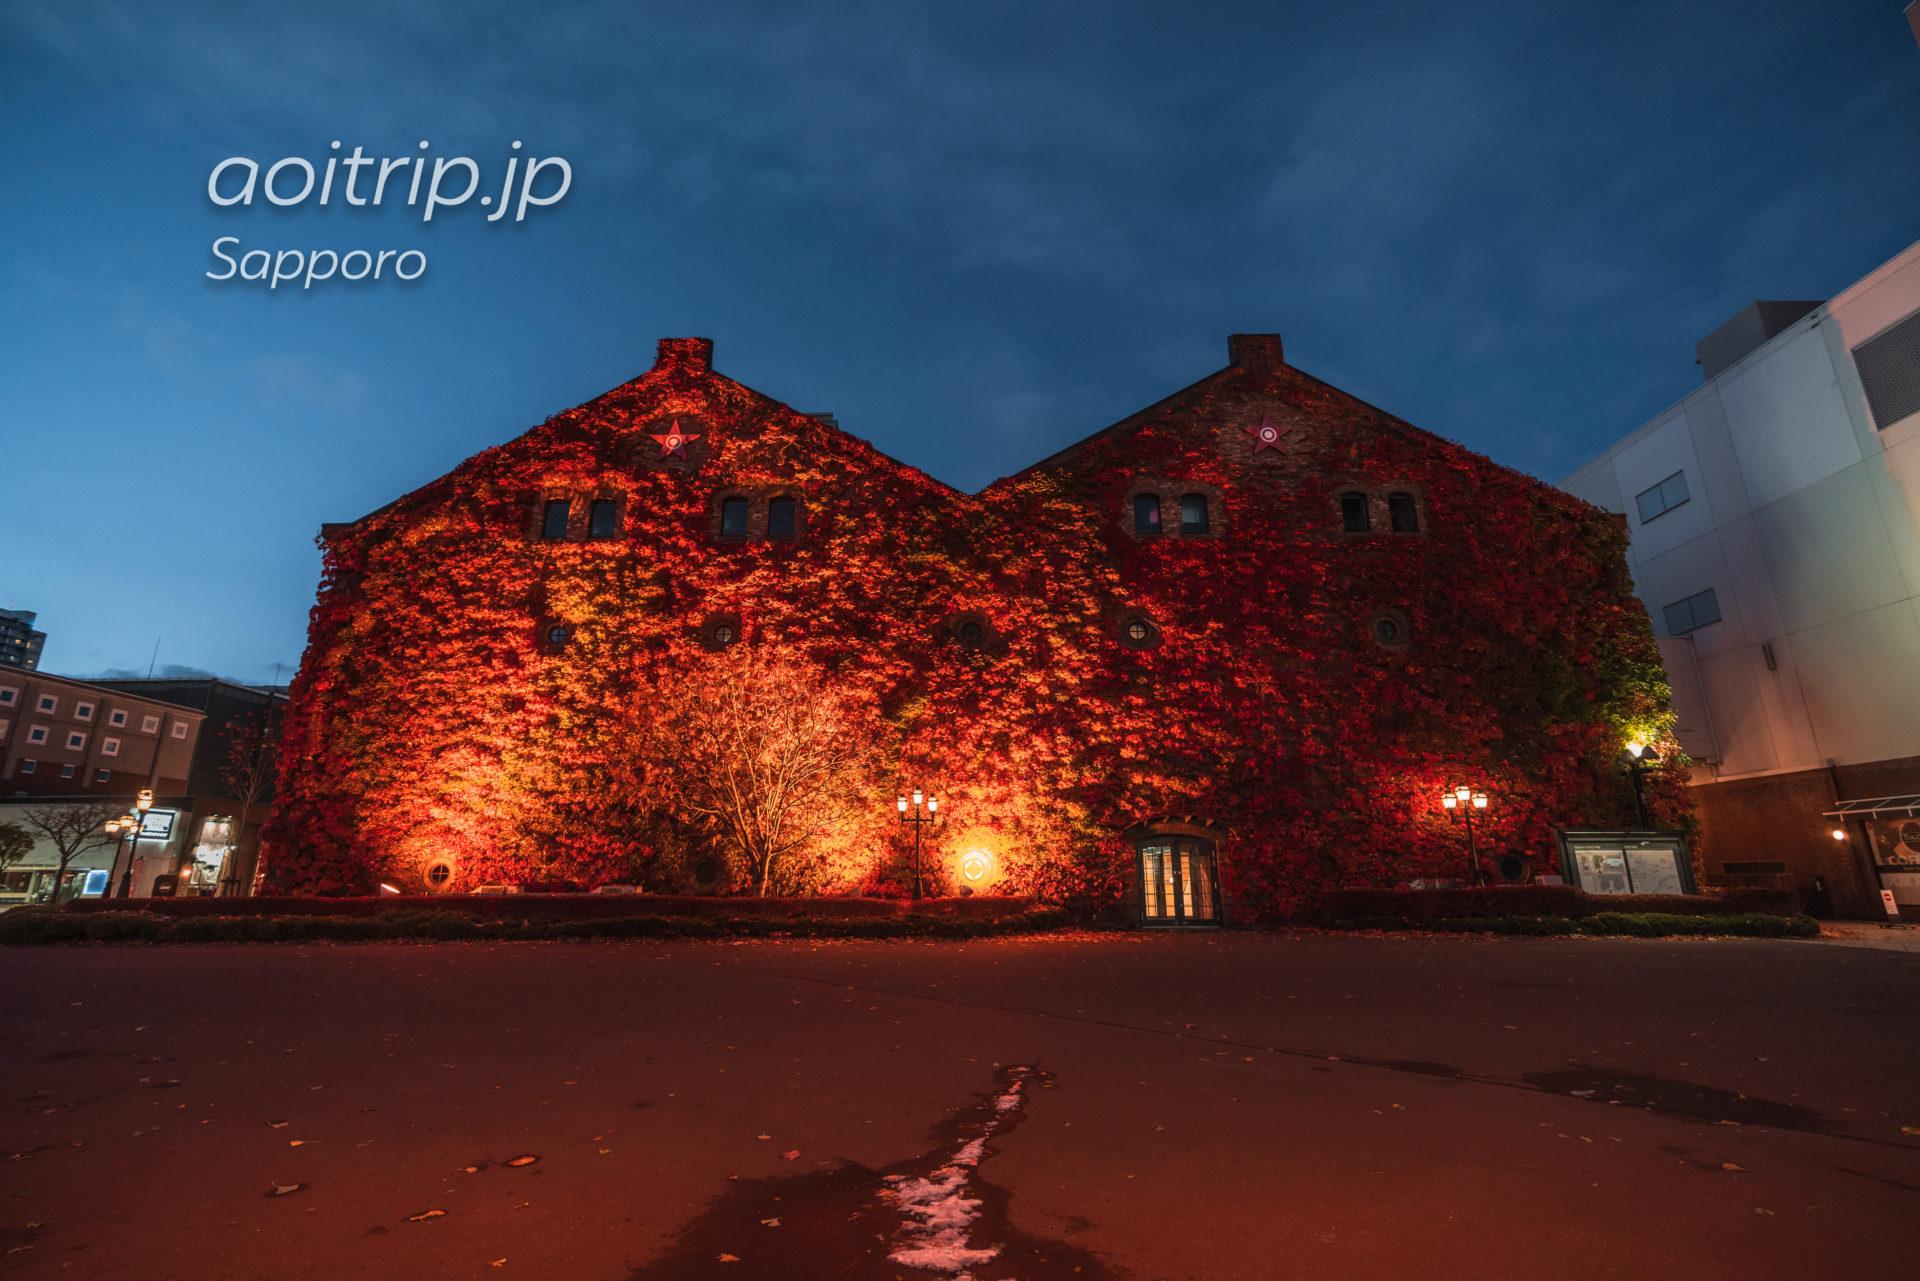 蔦紅葉が美しい秋のサッポロファクトリー赤煉瓦館の夜景